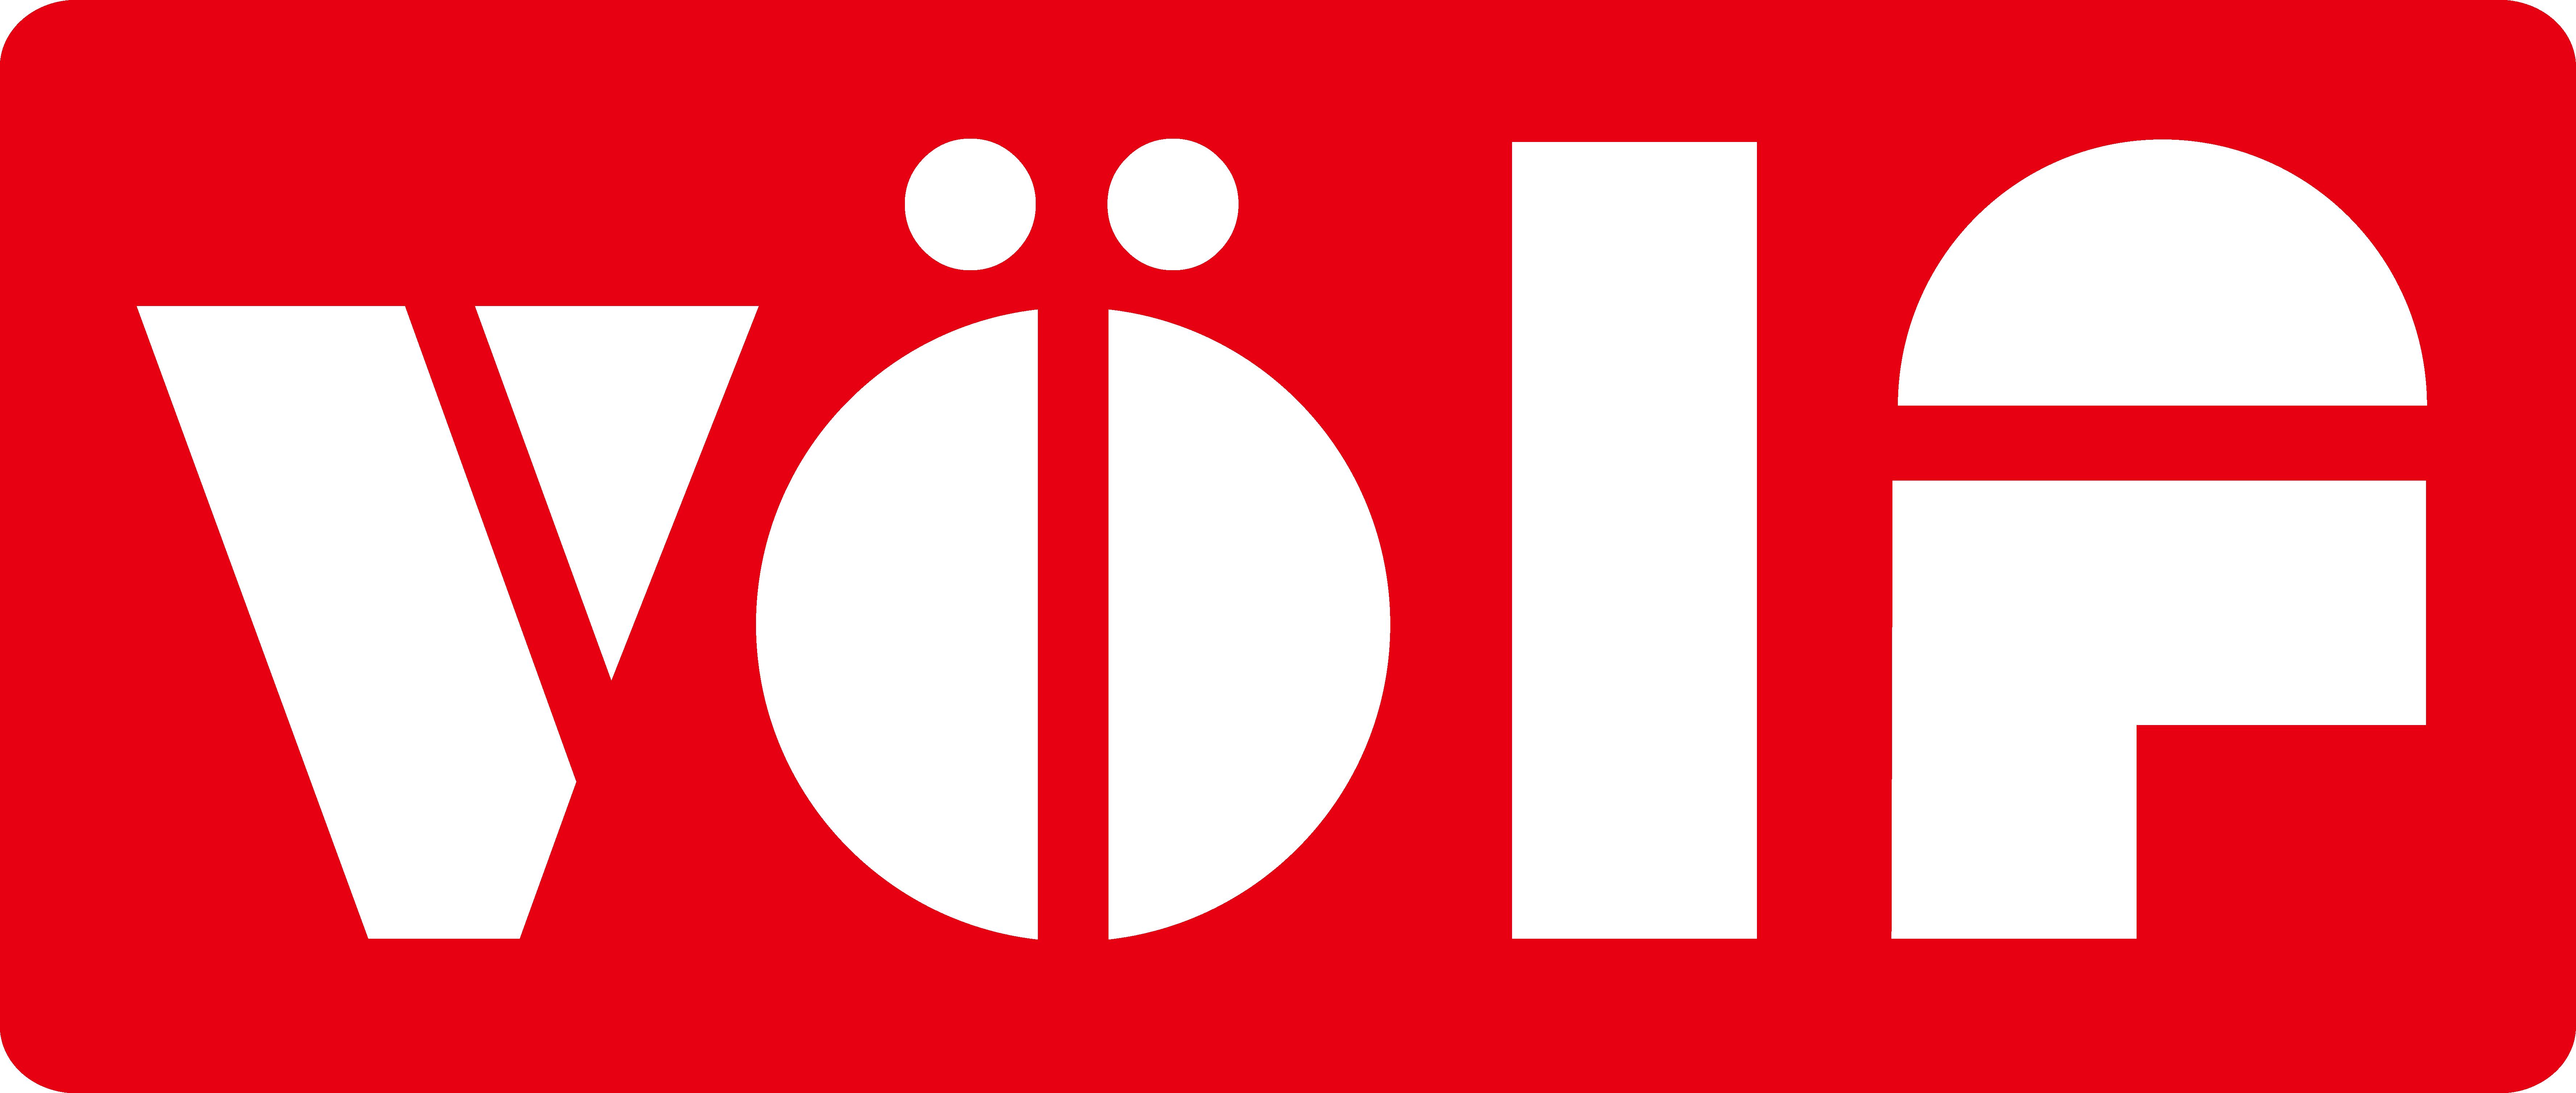 volflogo